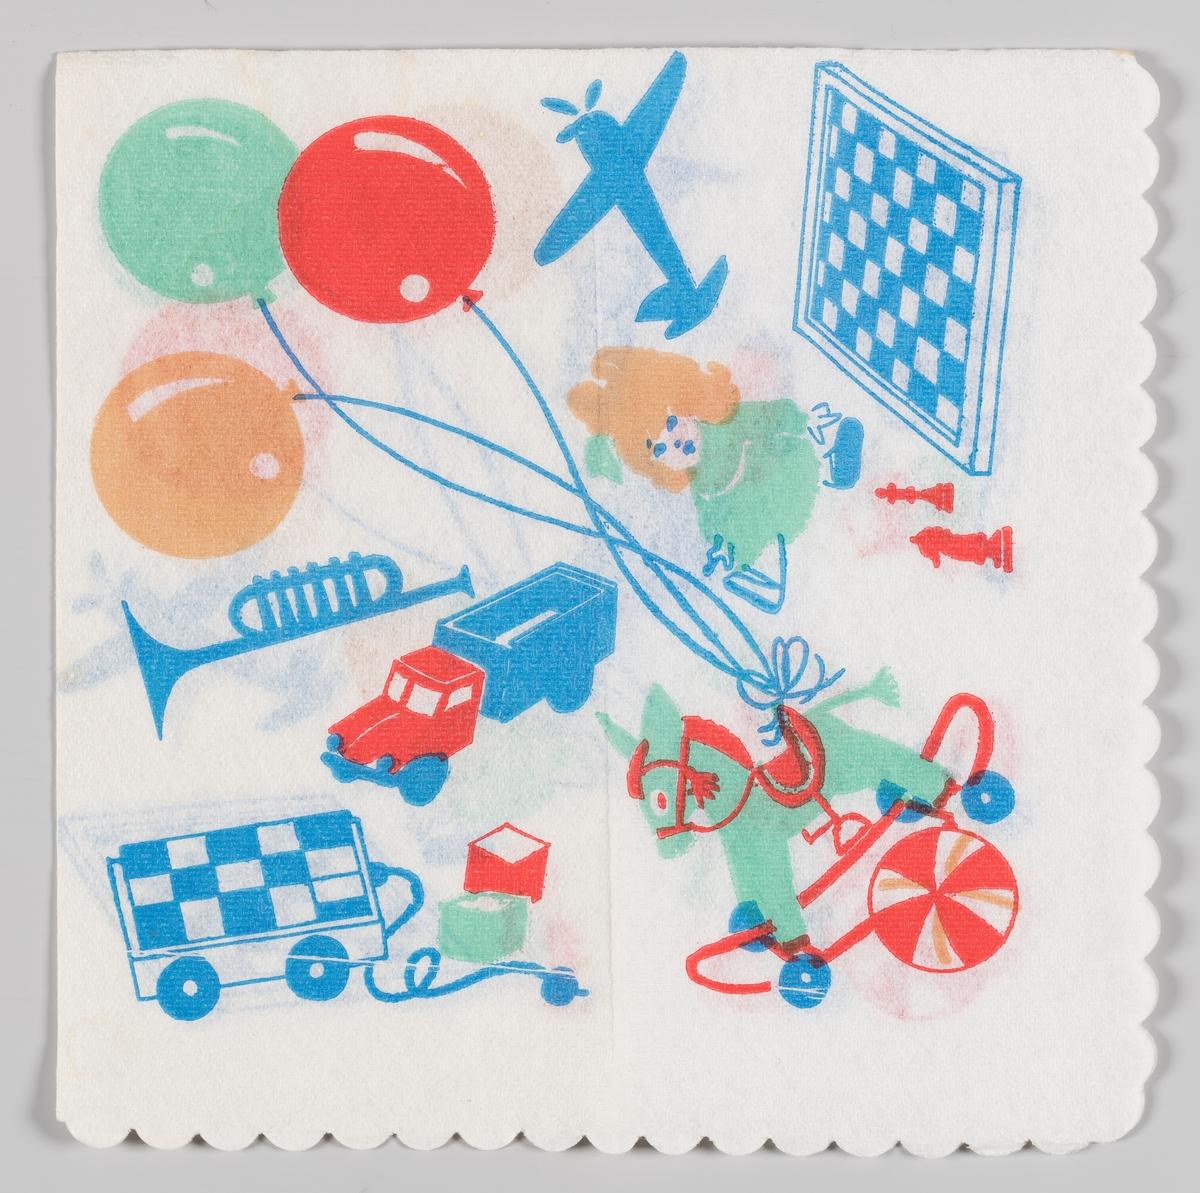 Tre ballonger, lekefly, spill, trompet, lekebil, dukke, klosser, lekehest og ball.